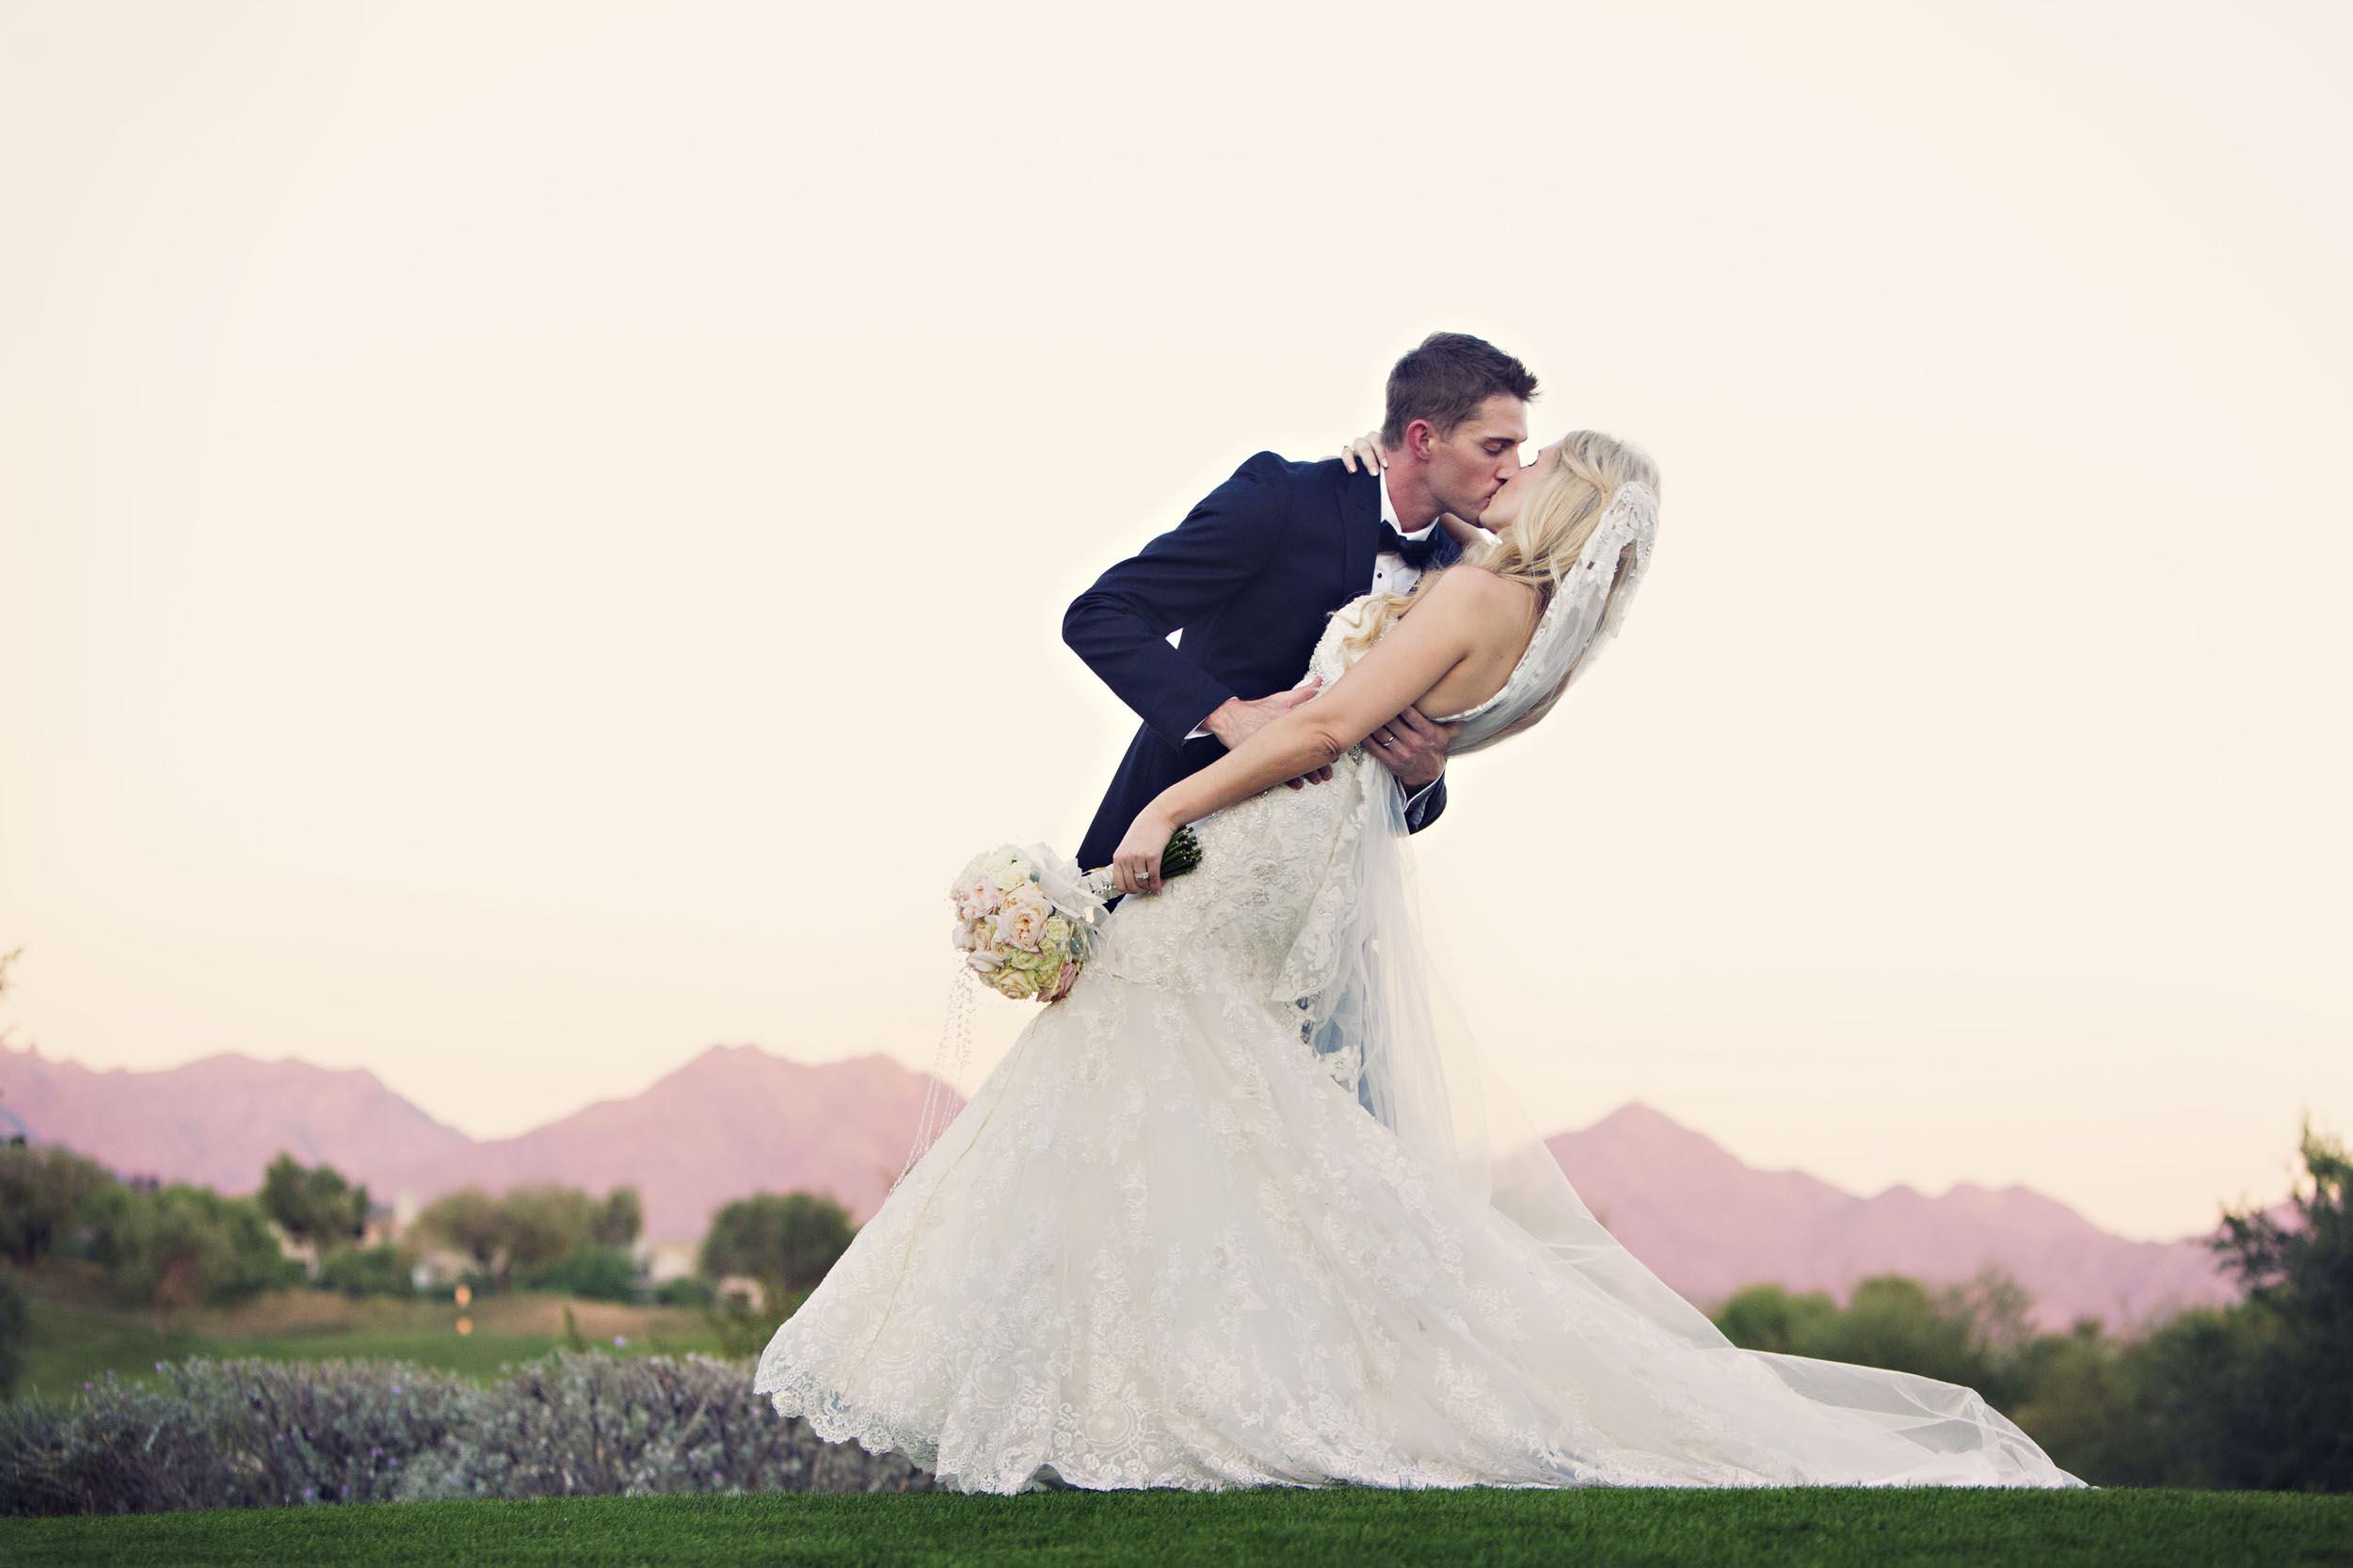 weddings-scottsdale-23.JPG